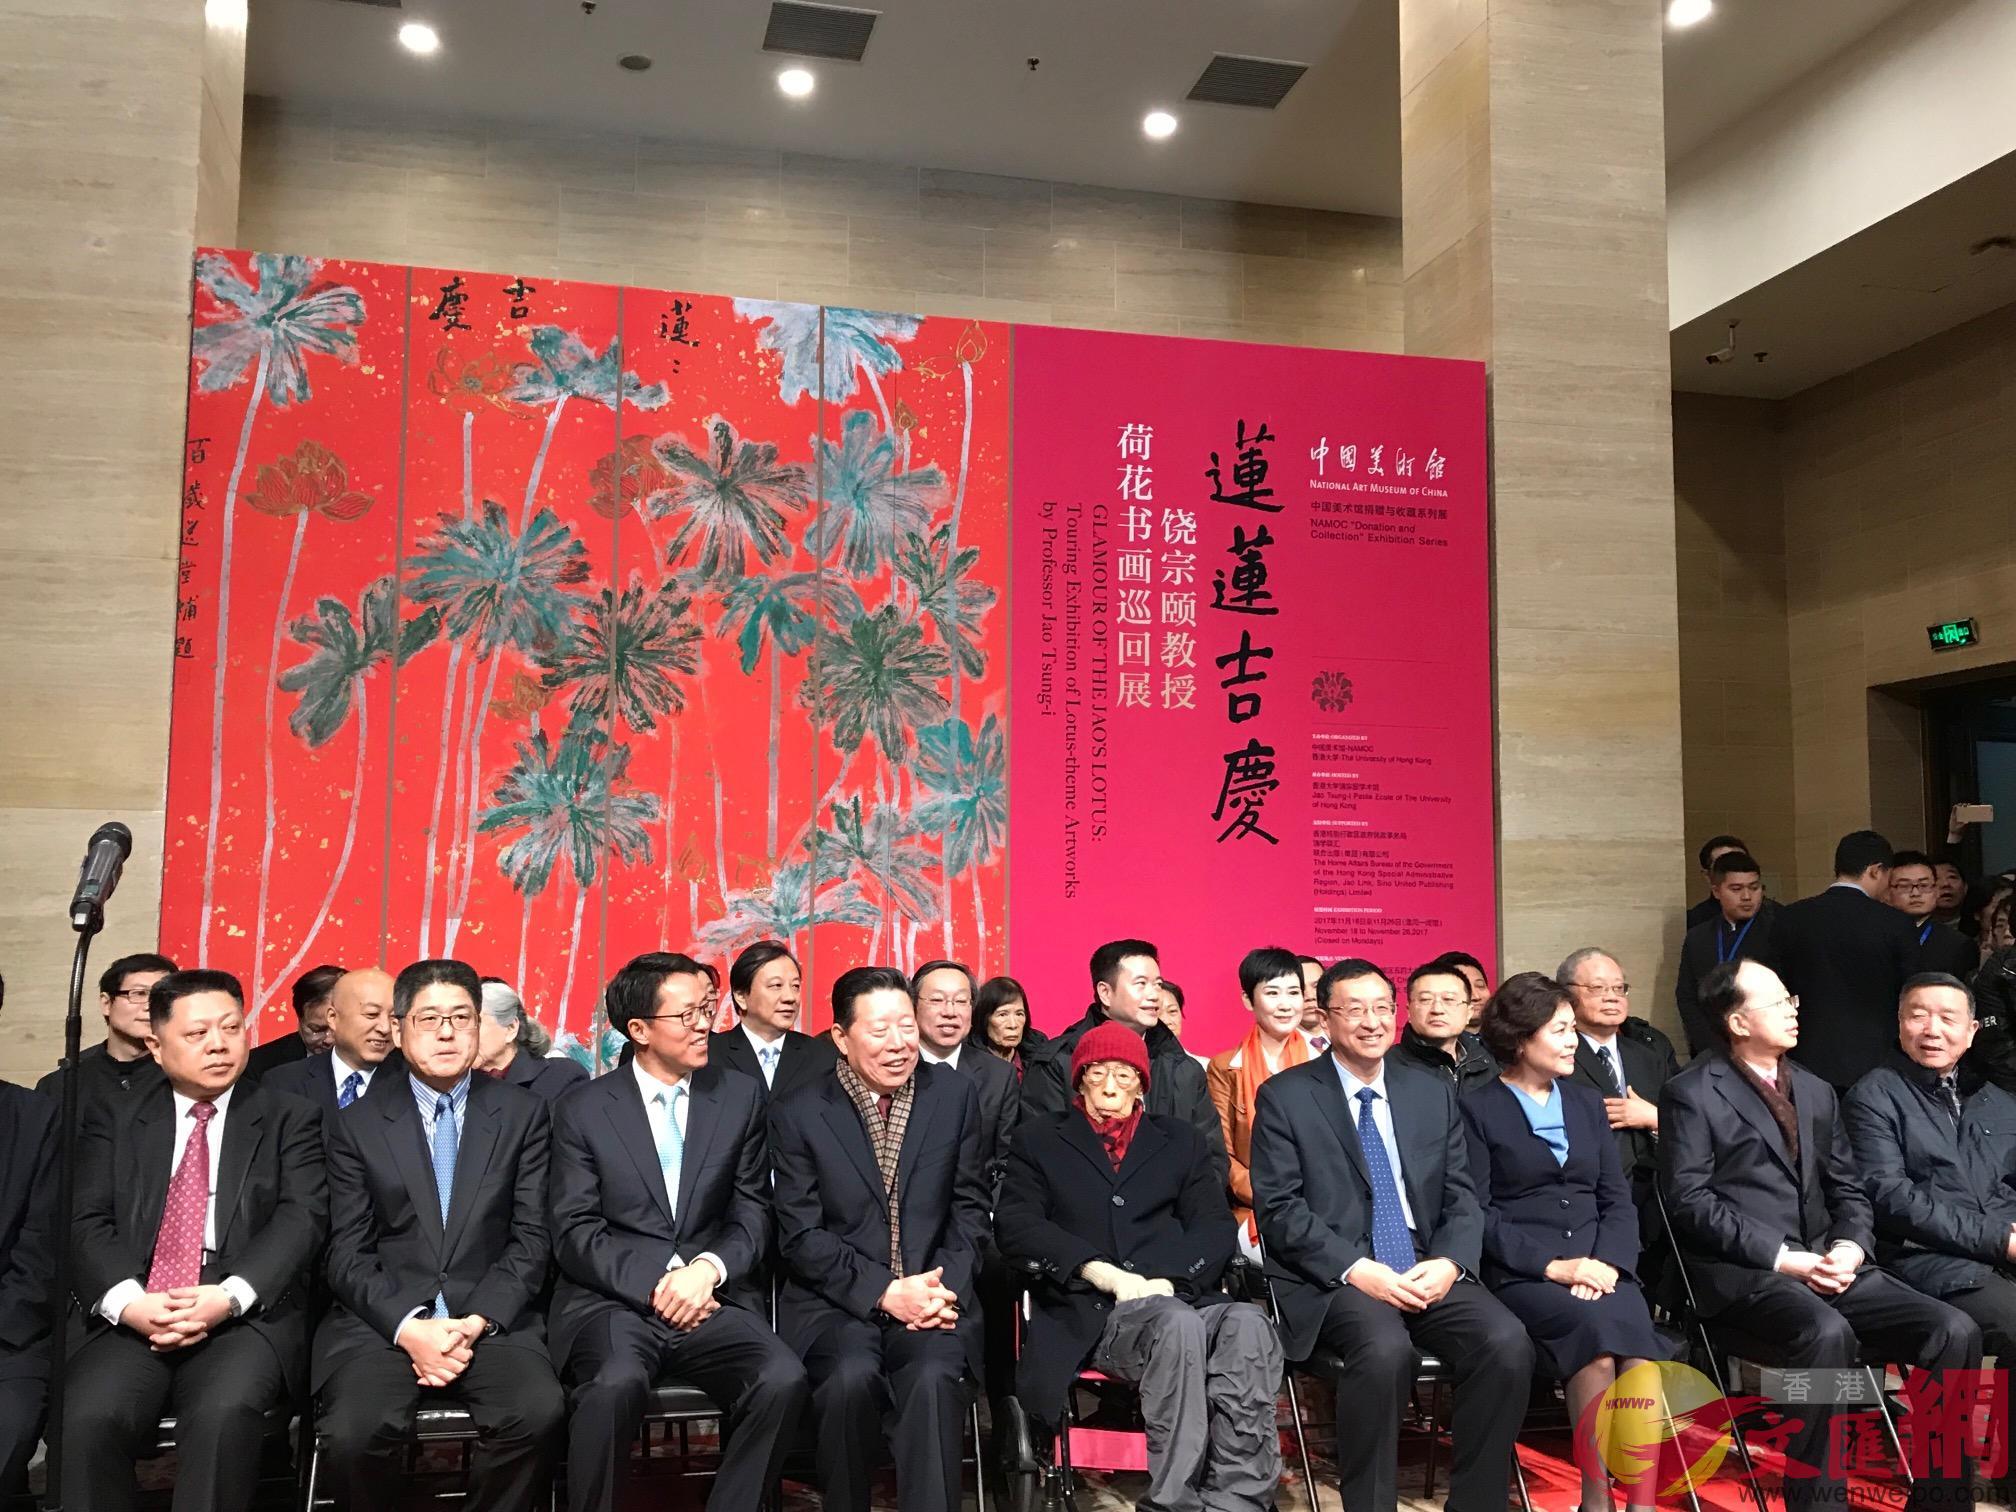 饒宗頤教授荷花書畫巡迴展在京開幕